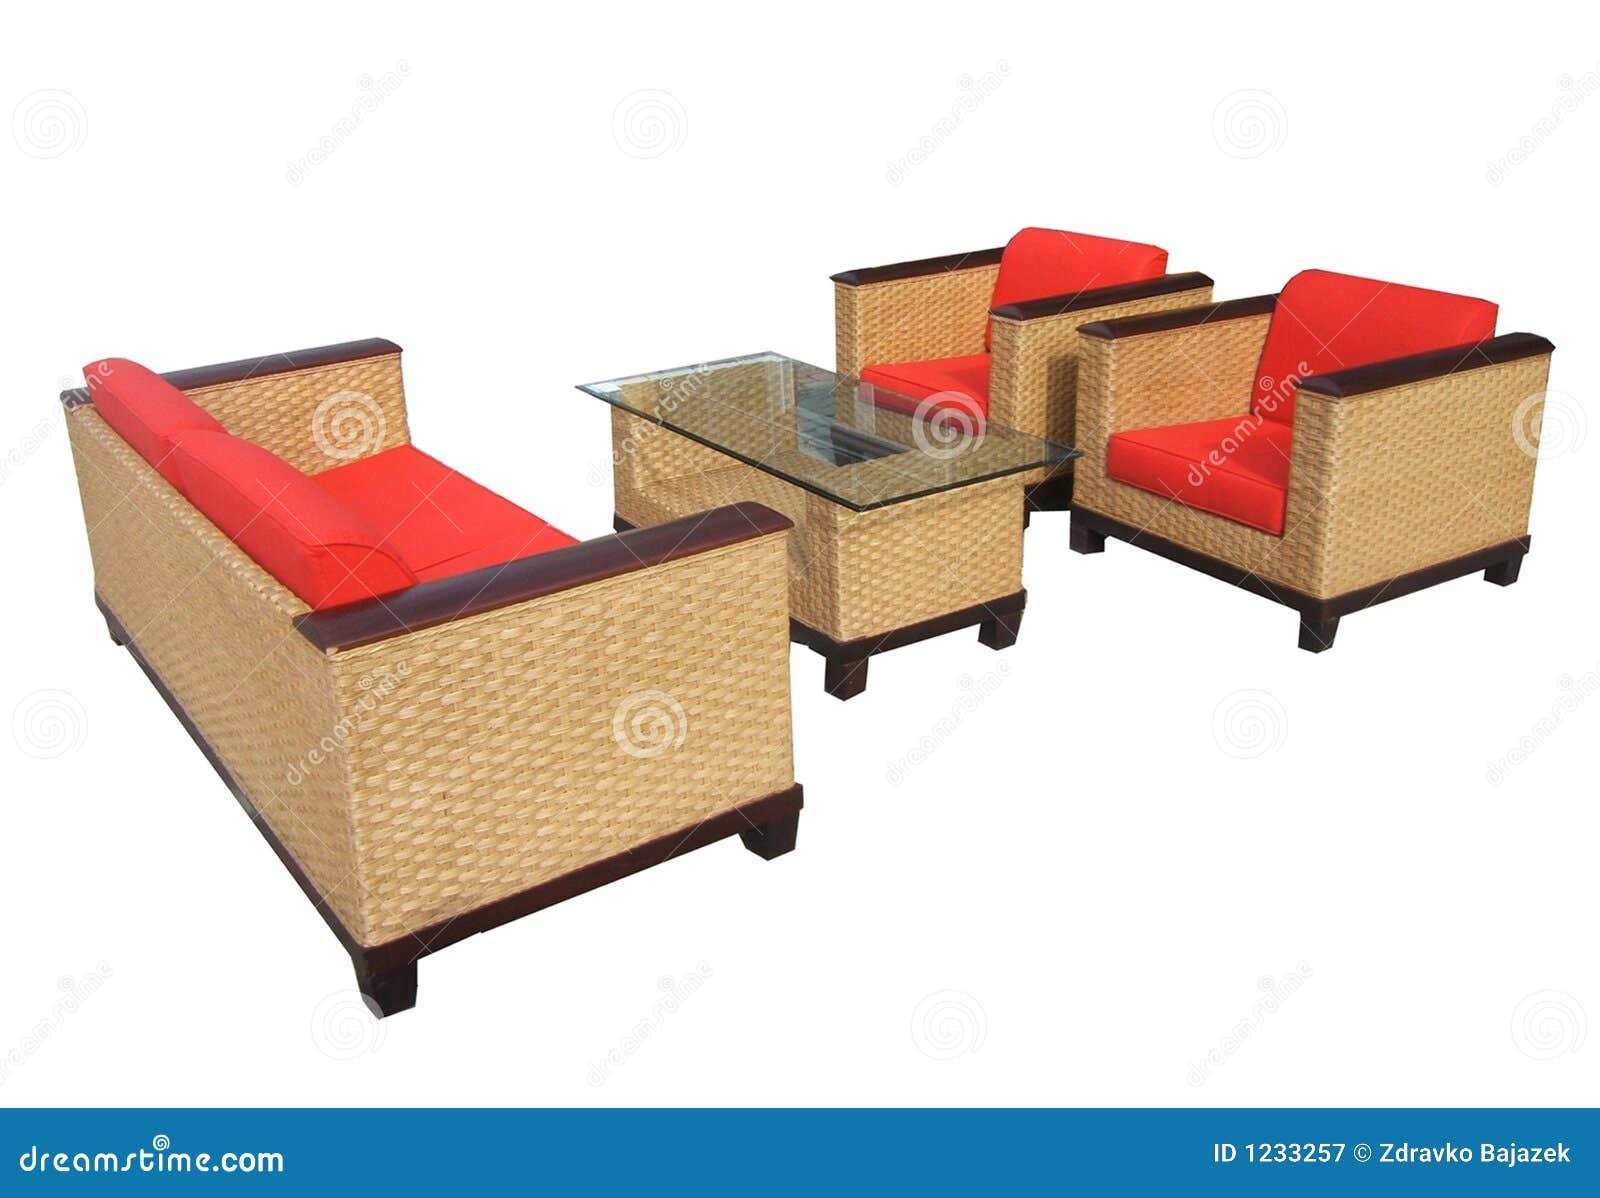 Furniture08 royalty vrije stock fotografie afbeelding 1233257 - Sofa hars gevlochten buitenkant ...